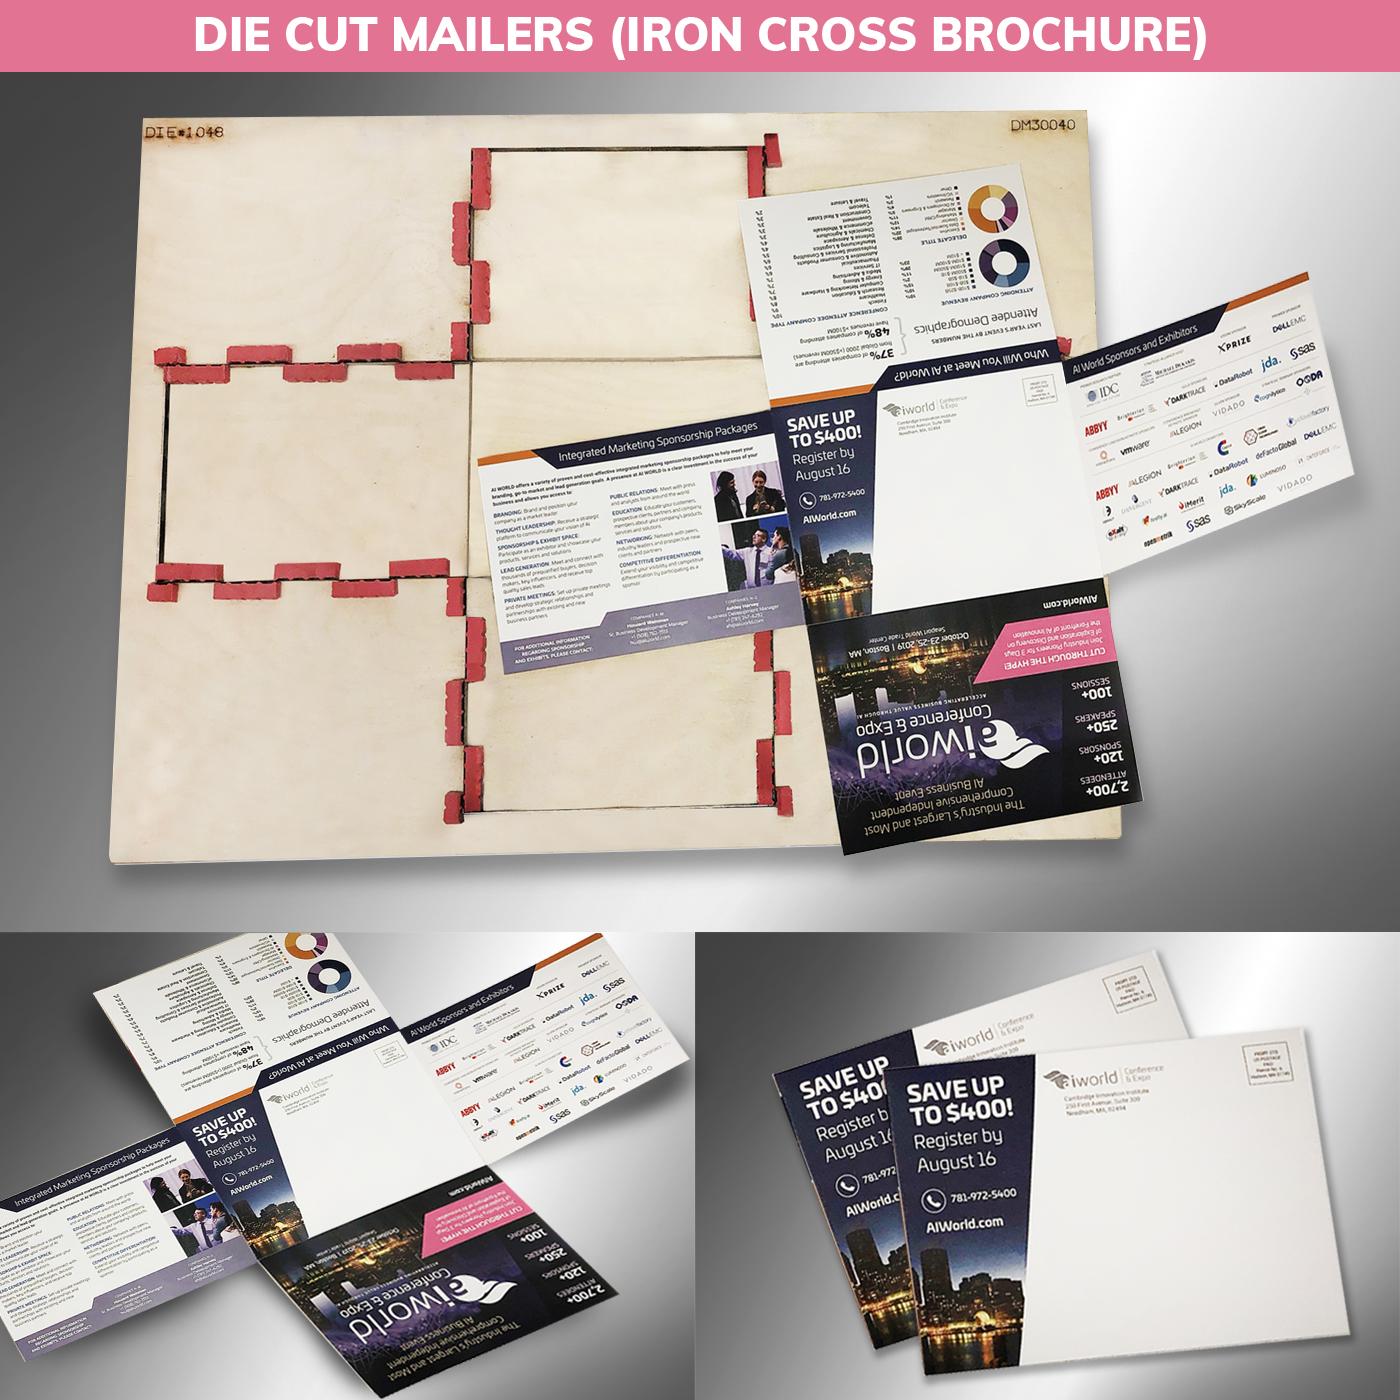 Iron Cross Brochure Website Image